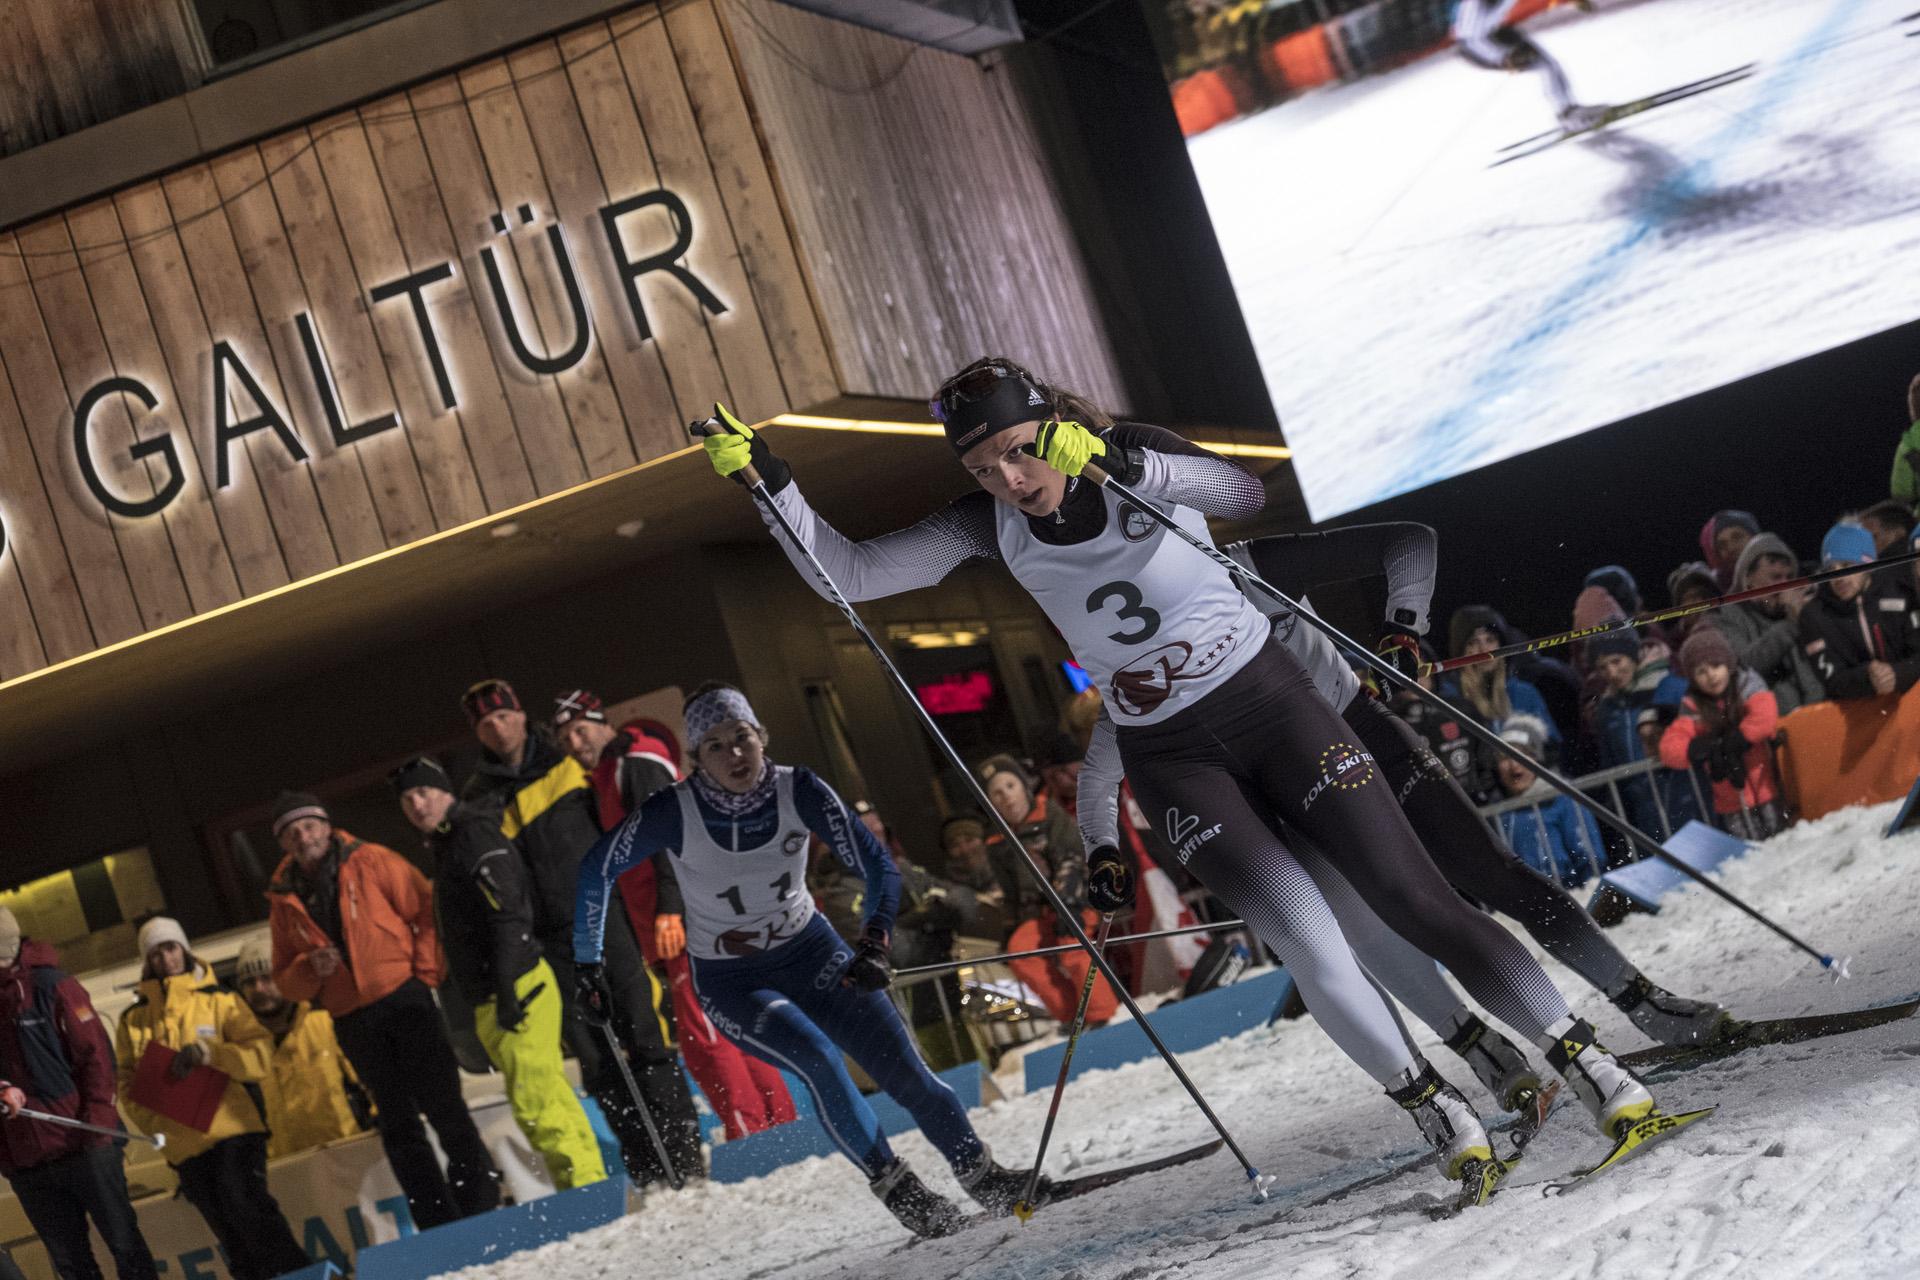 Galtür Nordic Night Race - das Langlauf-Sprint-Spektakel - news, langlauf-regionen, events